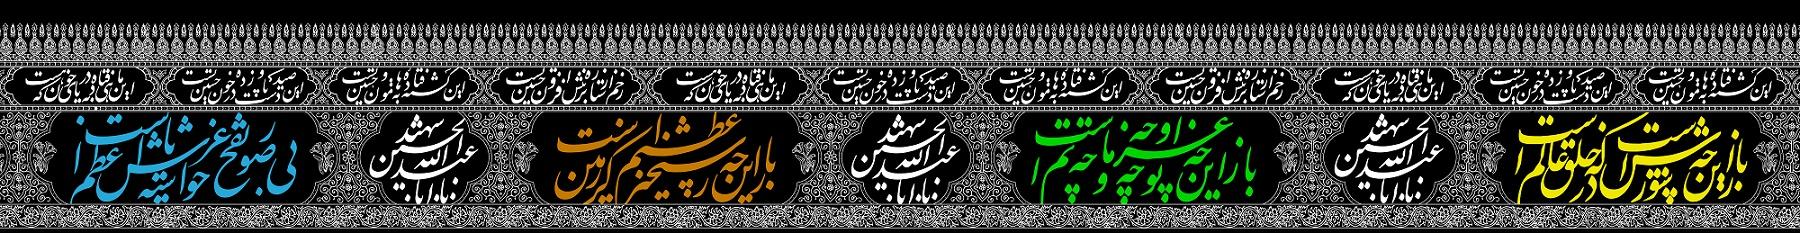 نوحه عاشورایی شهادت امام حسین شعر نوحه اشعار نوحه